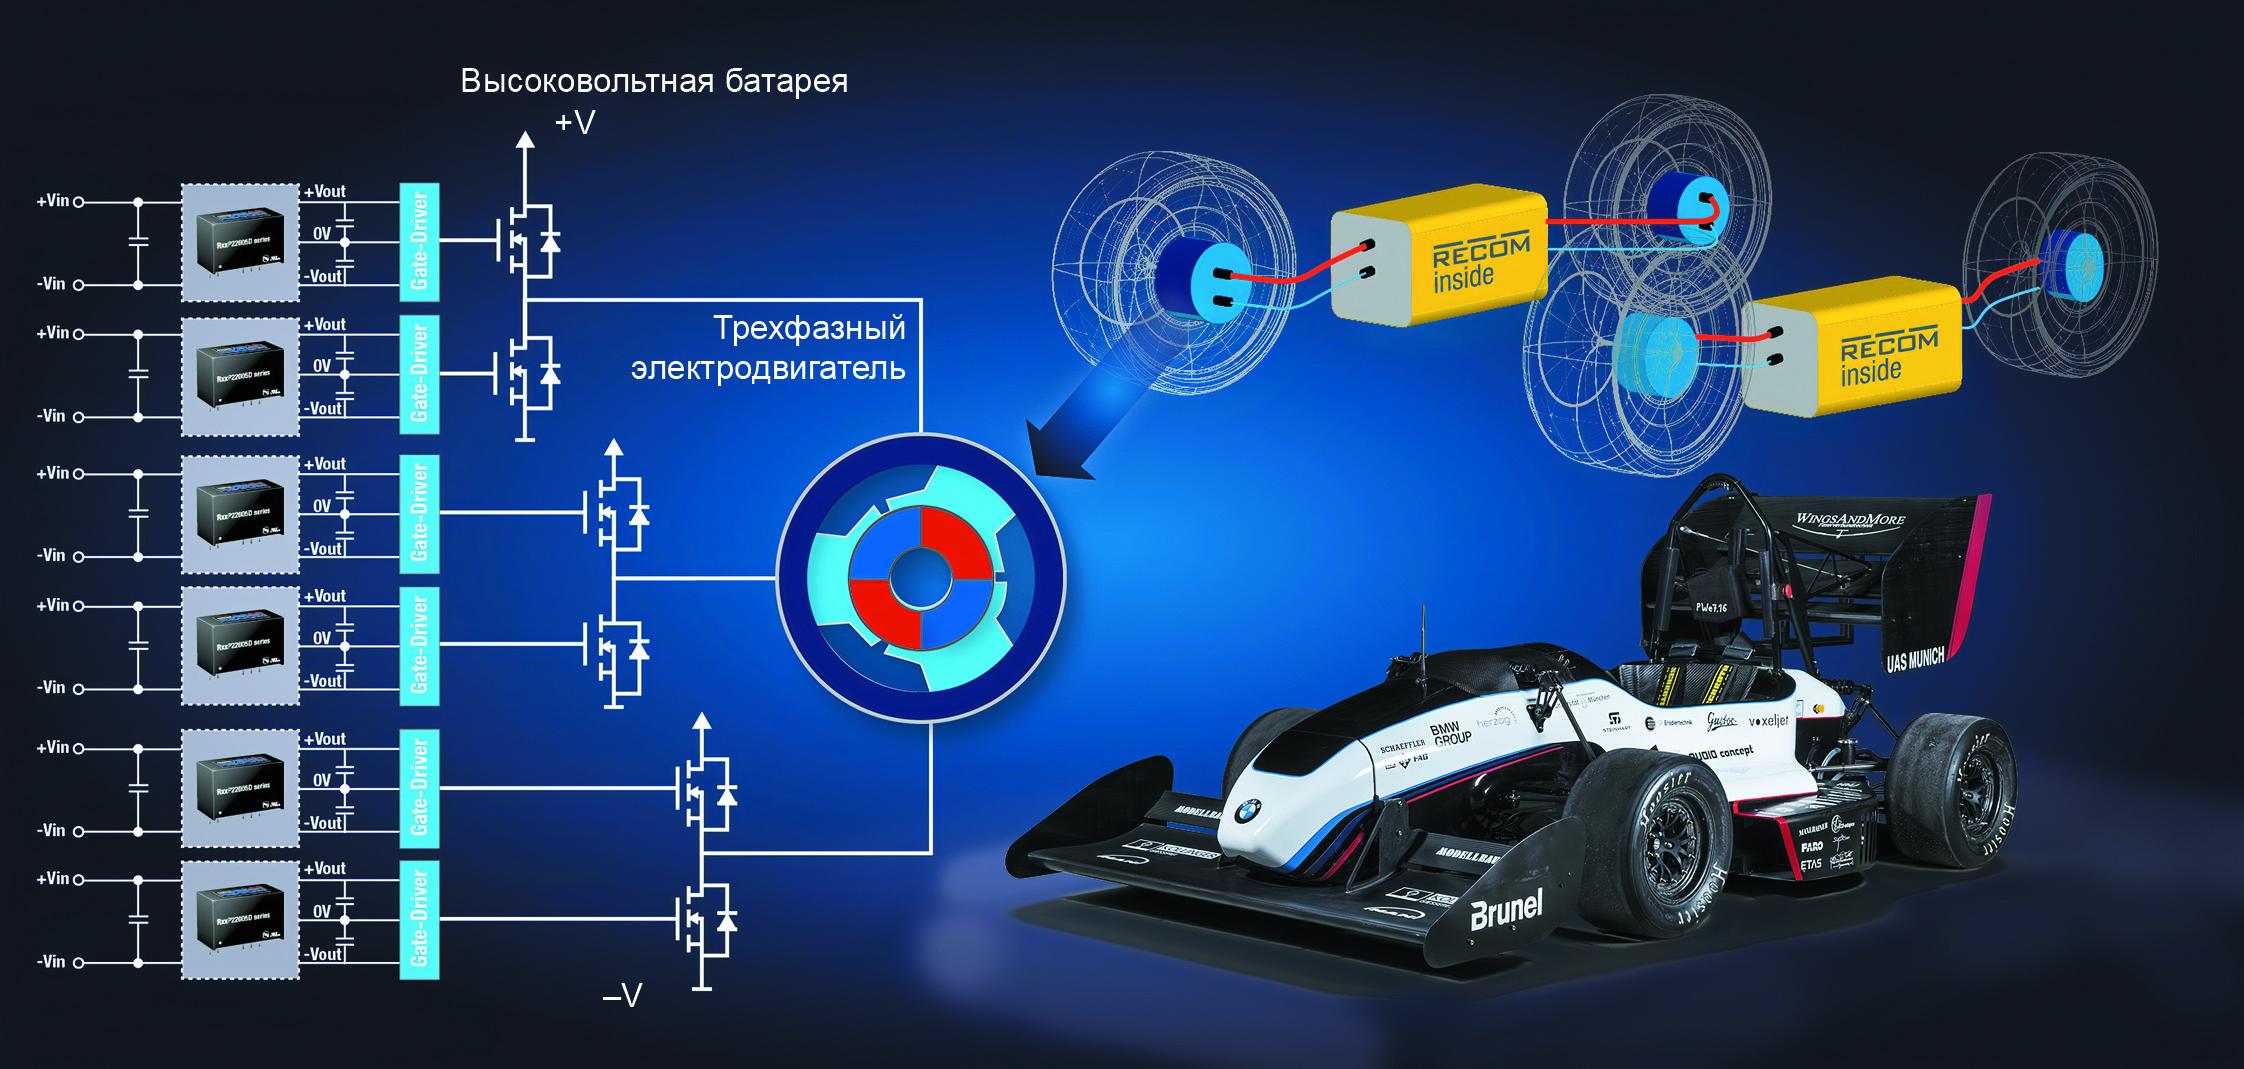 Гоночный автомобиль Formula Student Electric (FSE), разработанный в Мюнхенском университете; на каждом колесе имеет шесть изолированных DC/DC-преобразователей компании RECOM серии R, питающих силовую электронику (Фото: Munich Motorsport)